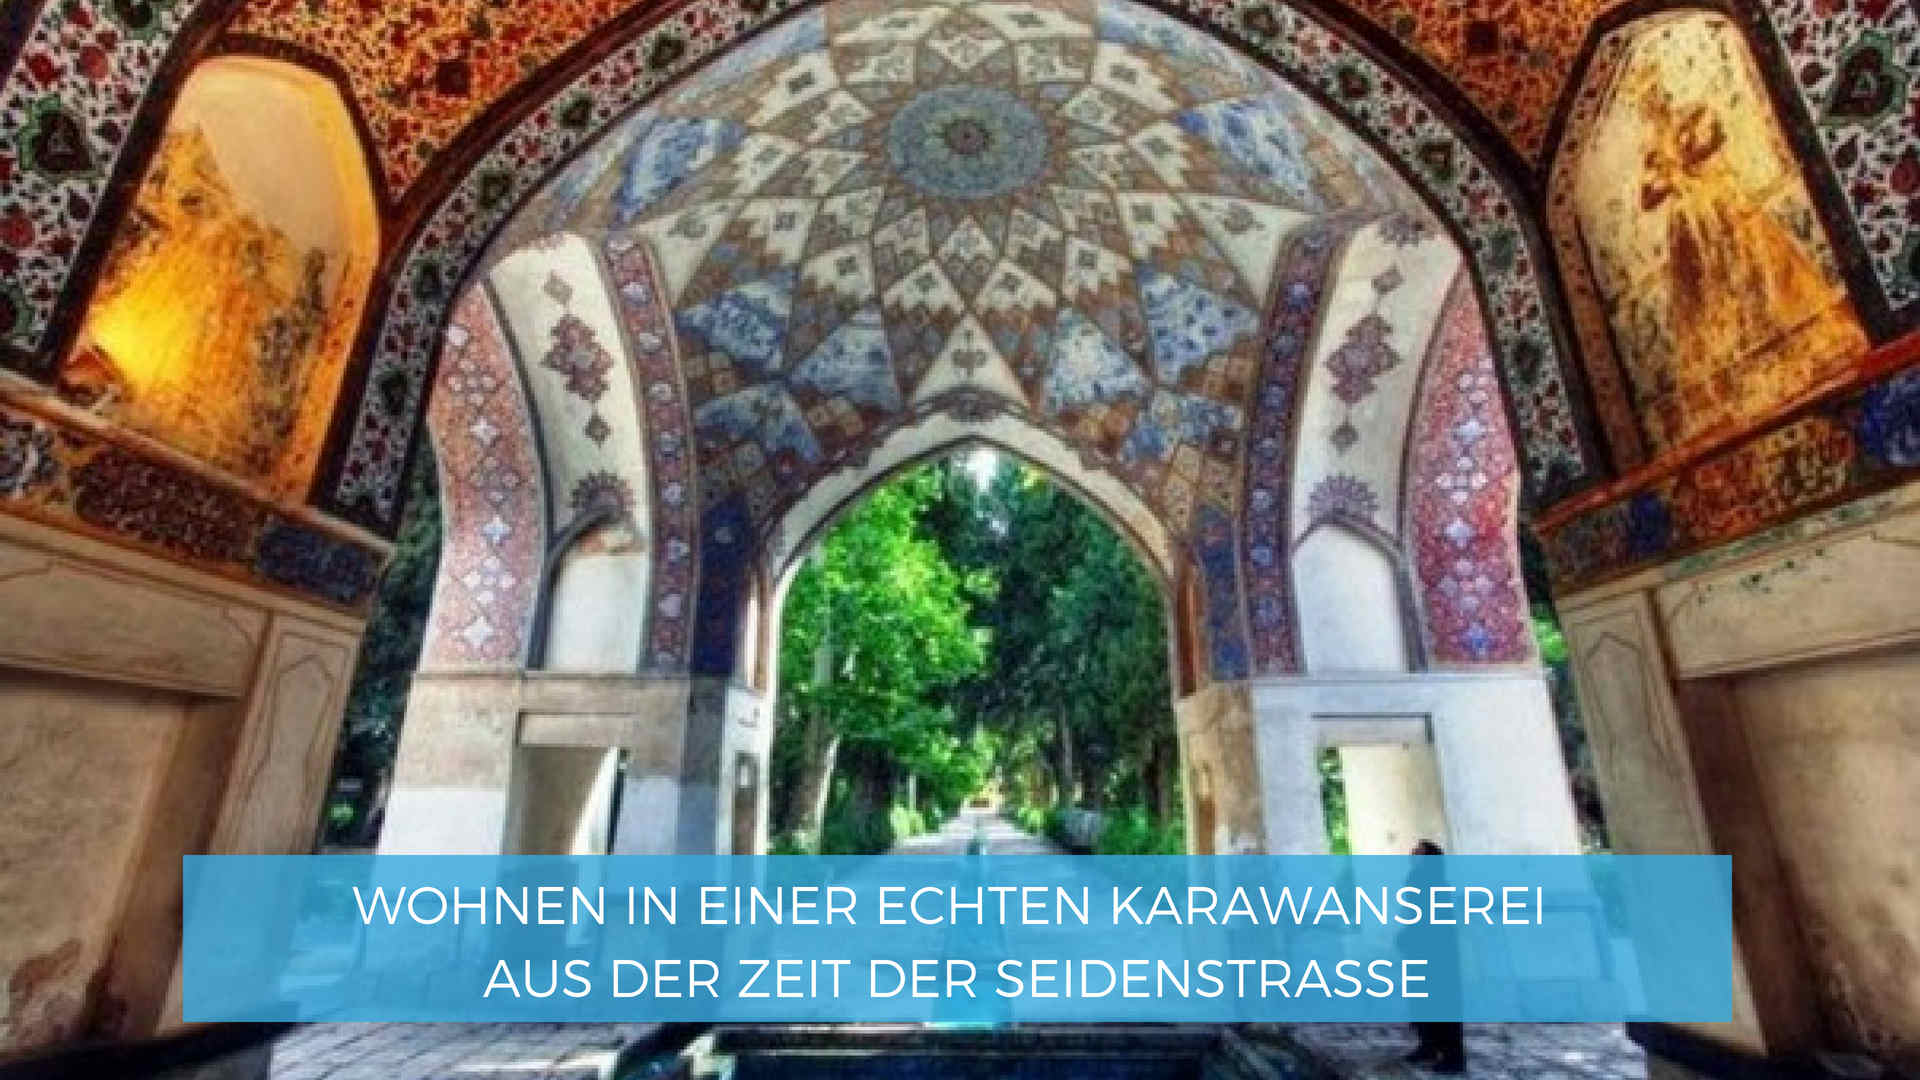 Reise-Inspirationen-Blog-Allventure-Karawanserei